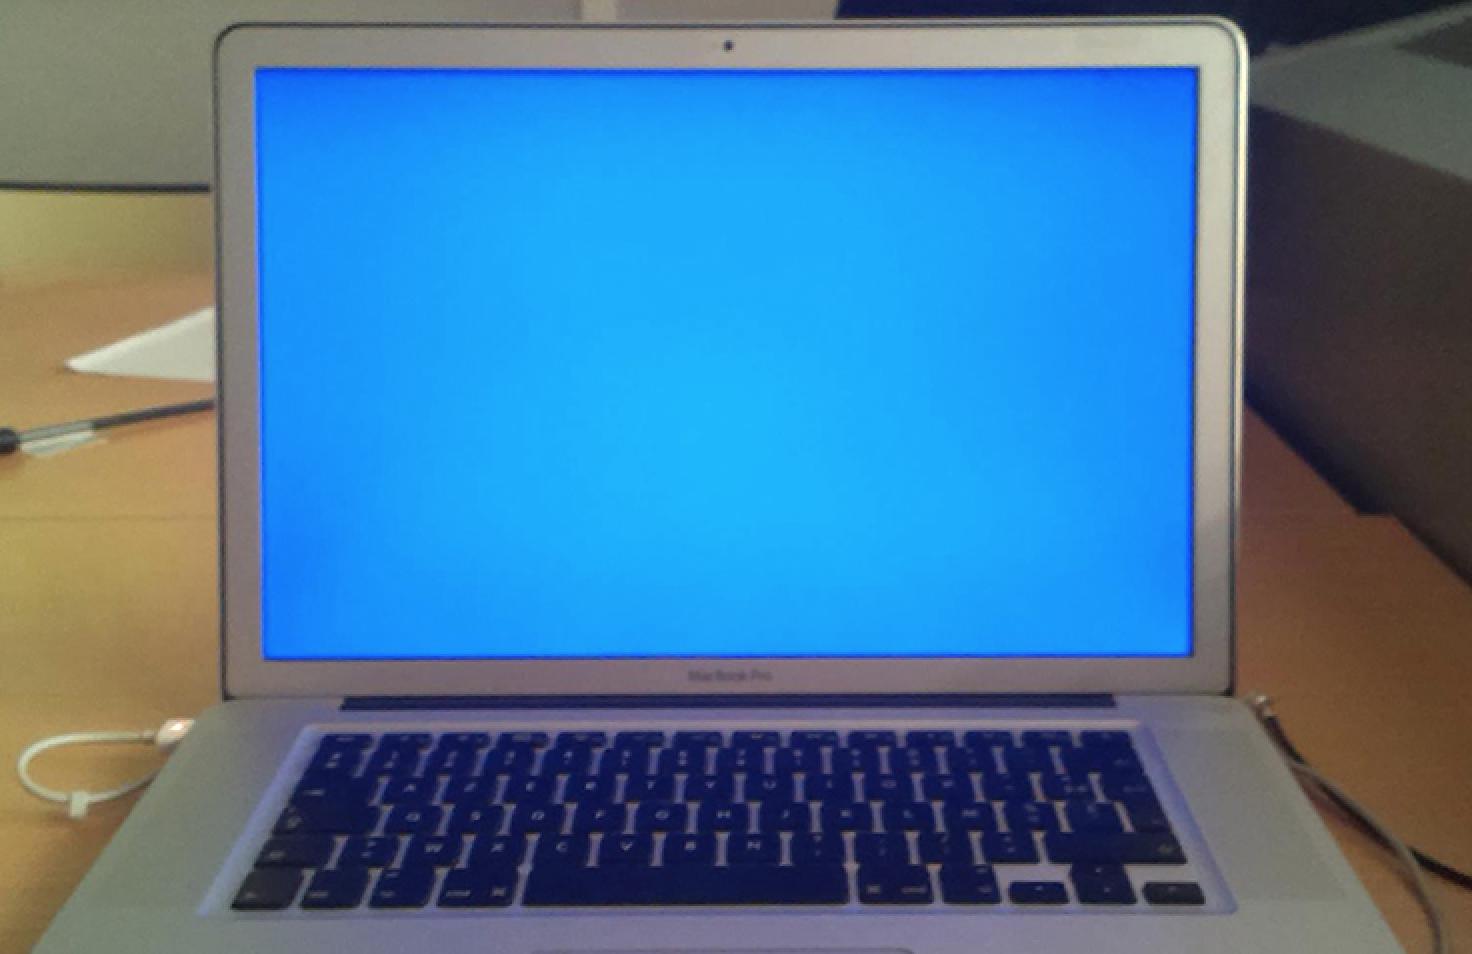 Consomac le macbook pro 2011 a de gros soucis de carte graphique - Comment nettoyer un ecran d ordinateur ...